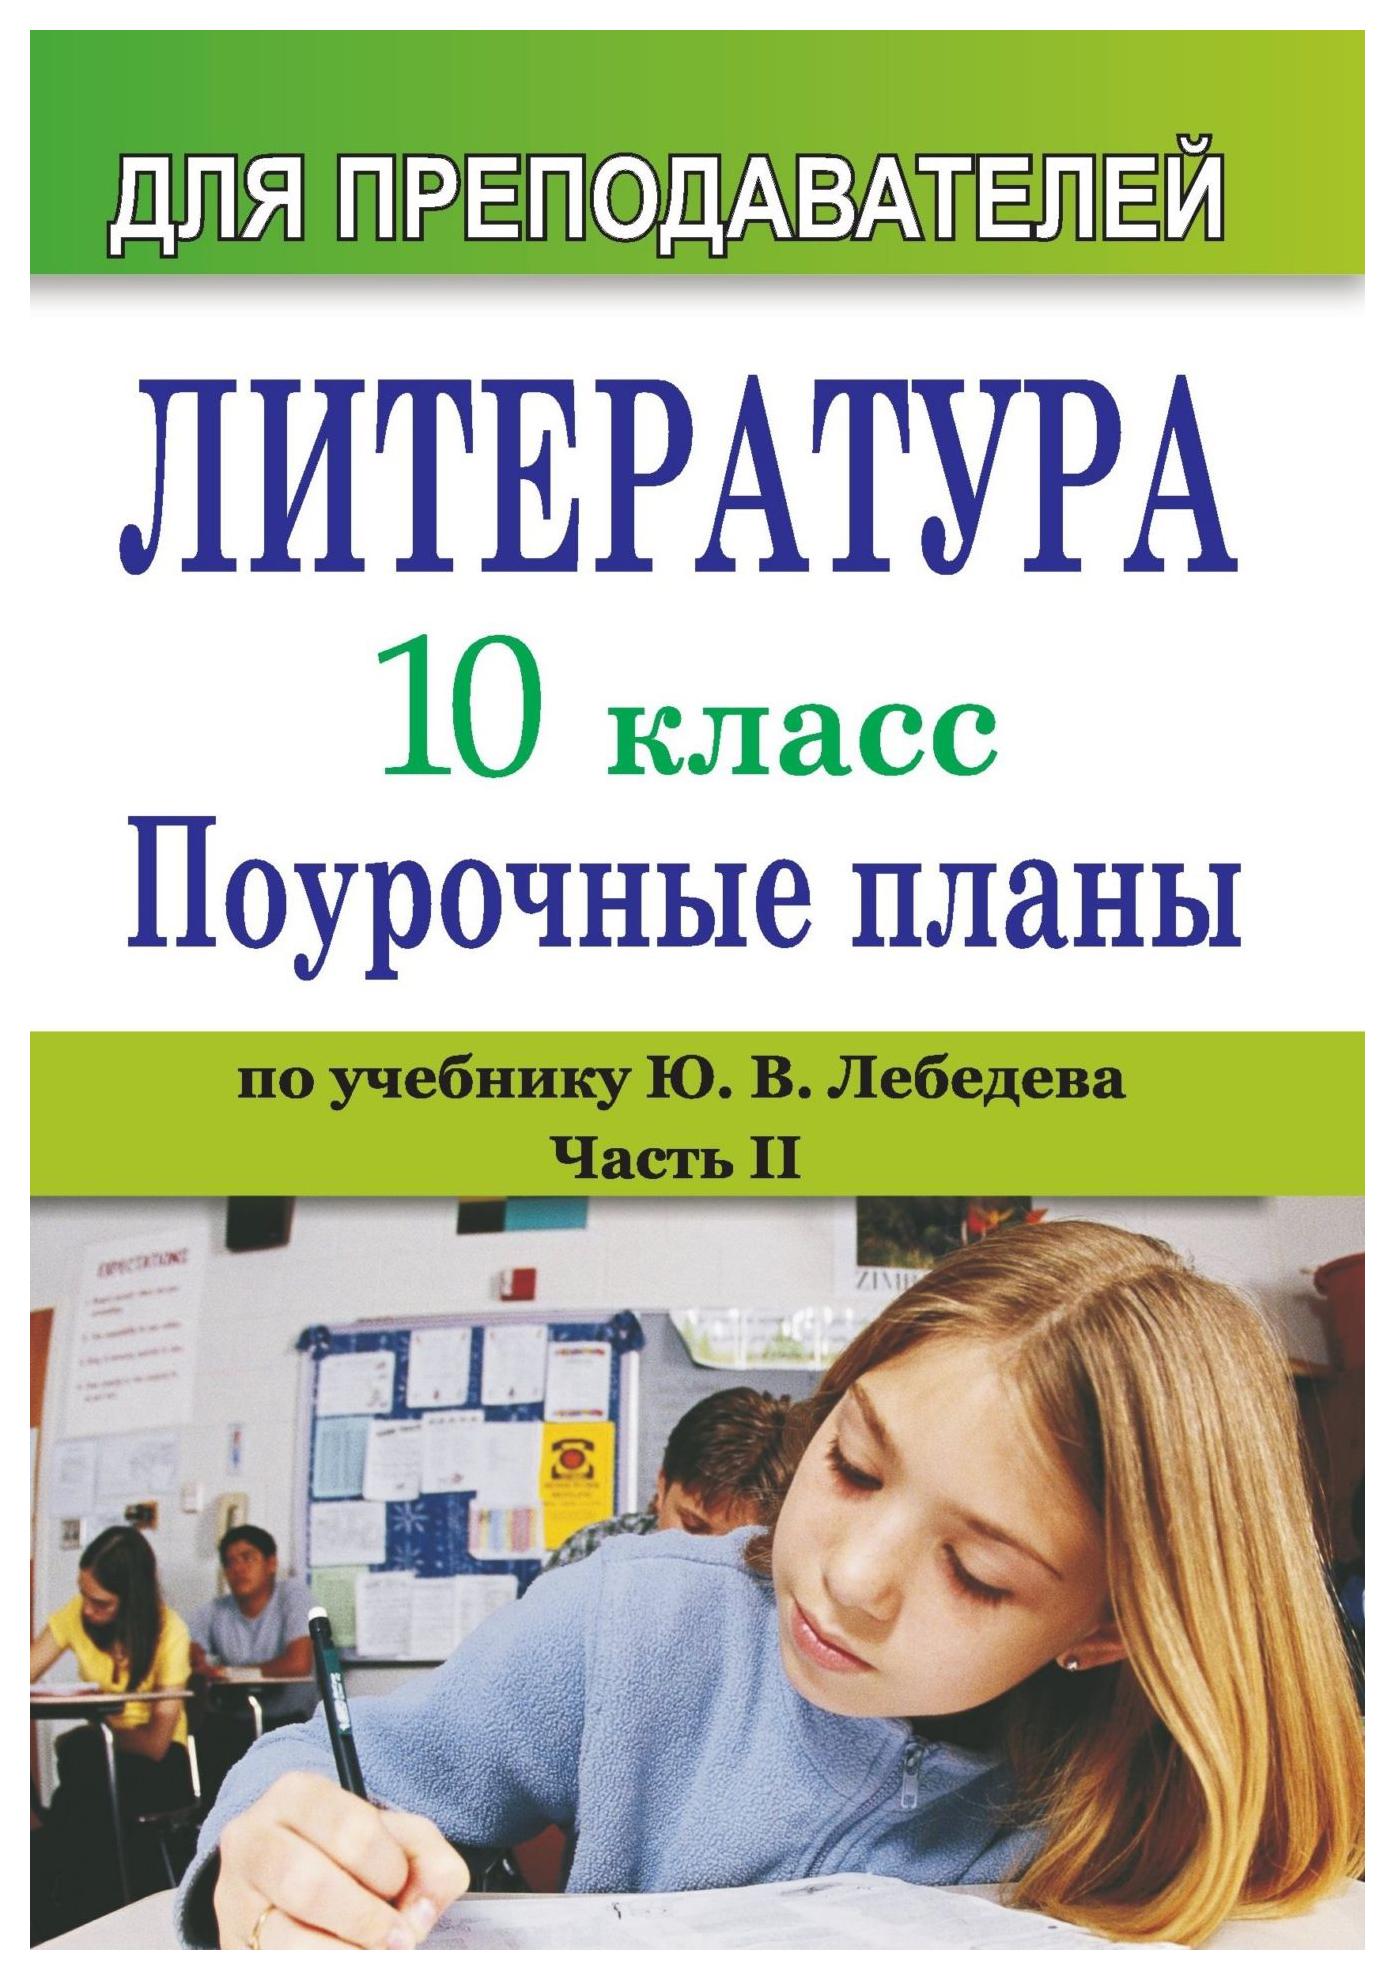 Литература. 10 класс: поурочные планы по учебнику Ю. В. Лебедева. Часть II